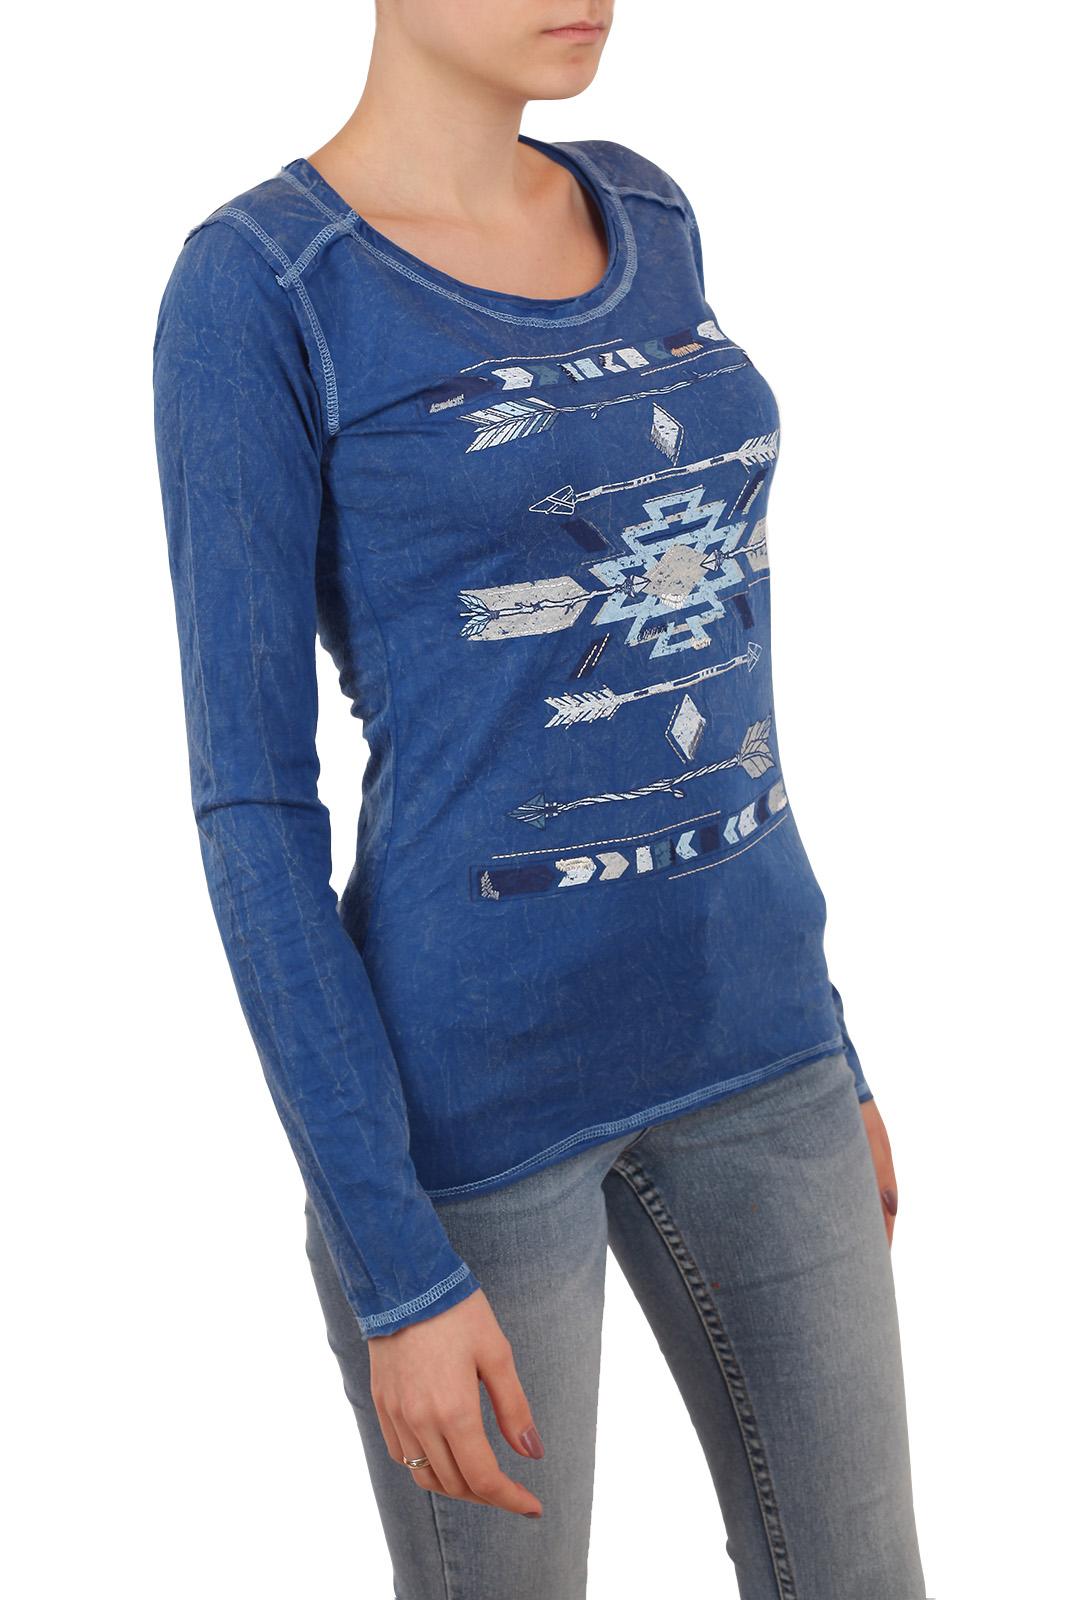 Женская футболка реглан Panhandle. Самый популярный среди молодежи Москвы спортивный фасон. Такие вещи и снимать не хочется!